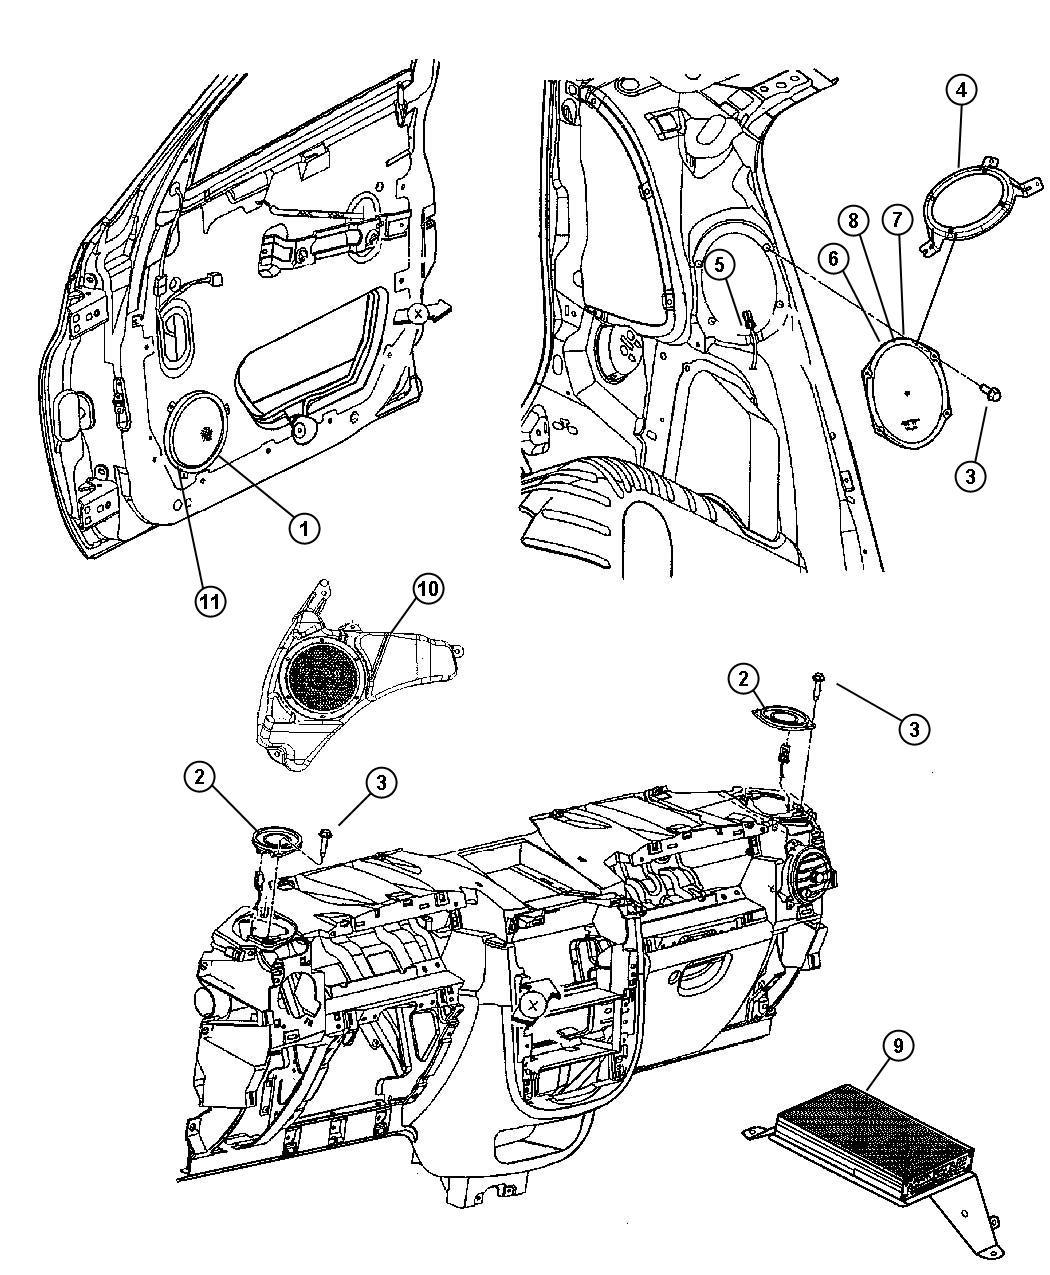 Jeep Commander Amplifier. Audio. Speakersamplifiers